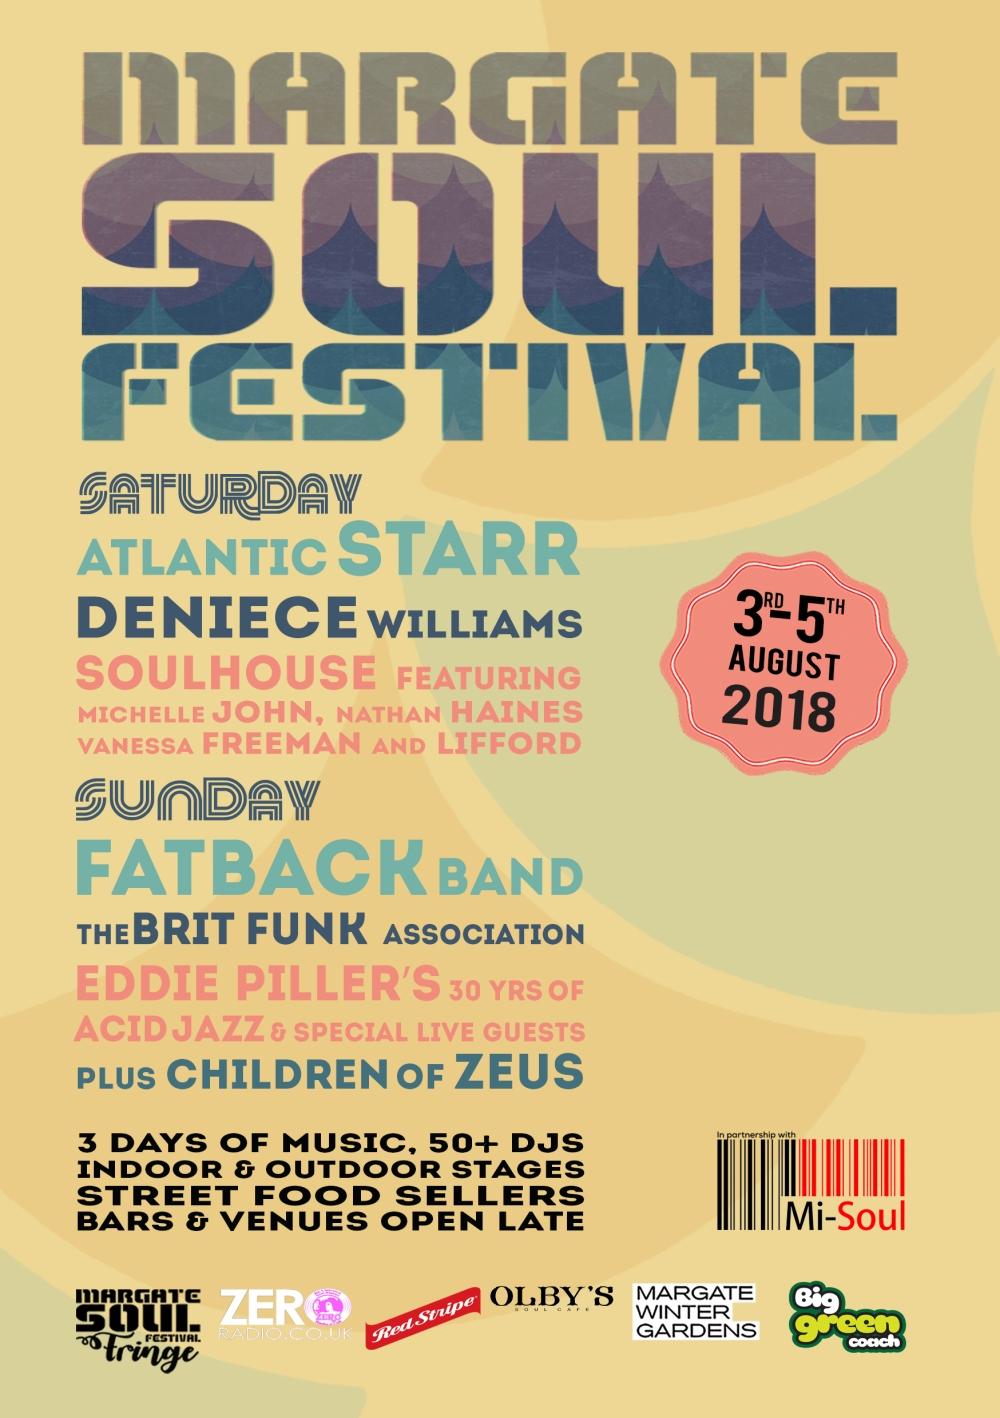 Margate Soul Festival 2018